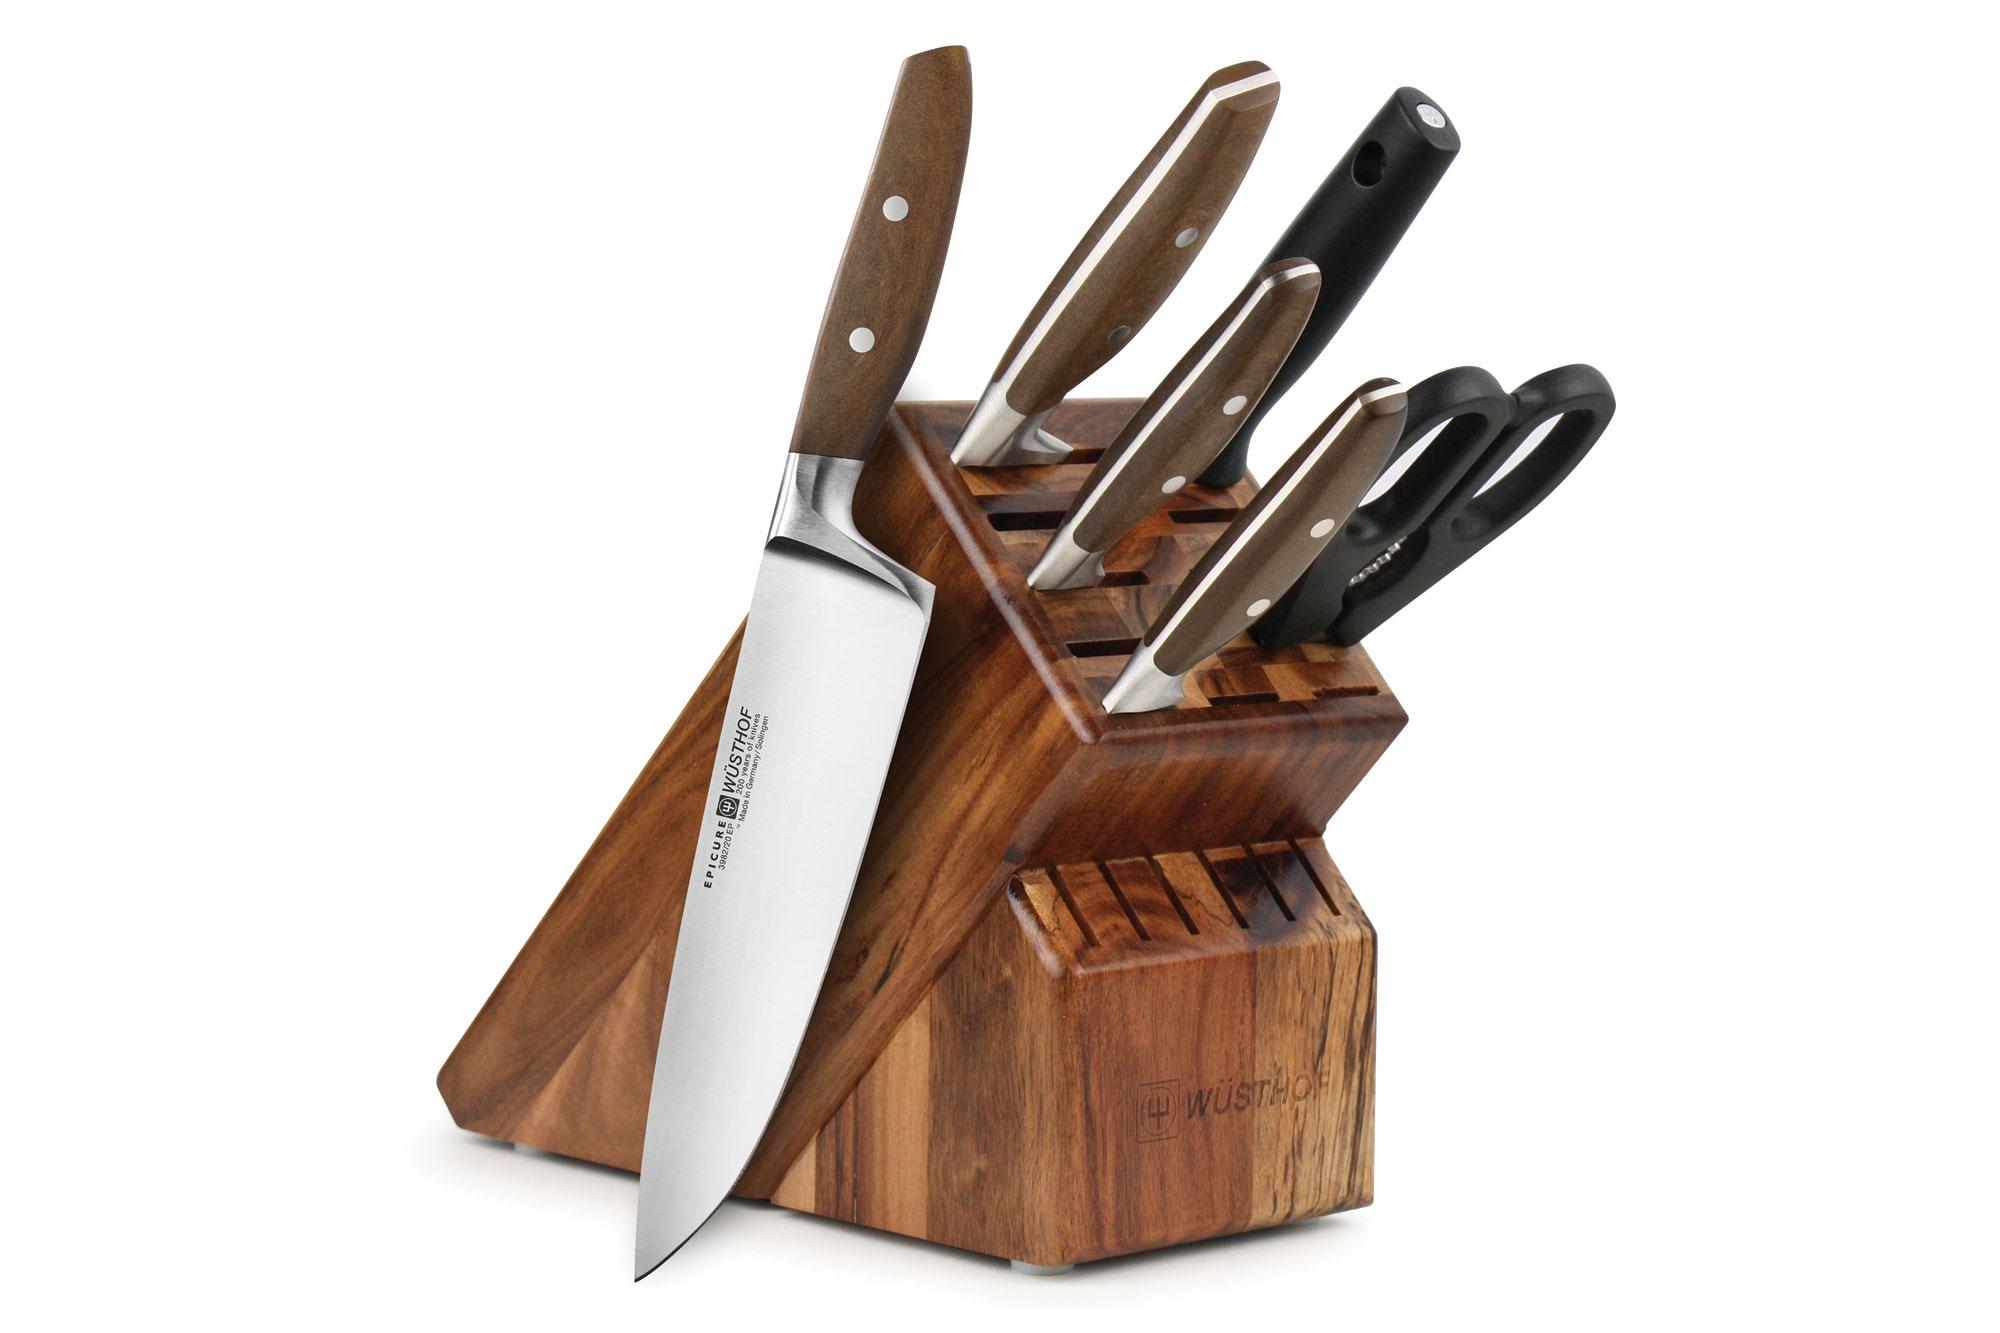 Wusthof Epicure Knife Set 7 Piece Acacia Block Wusthof